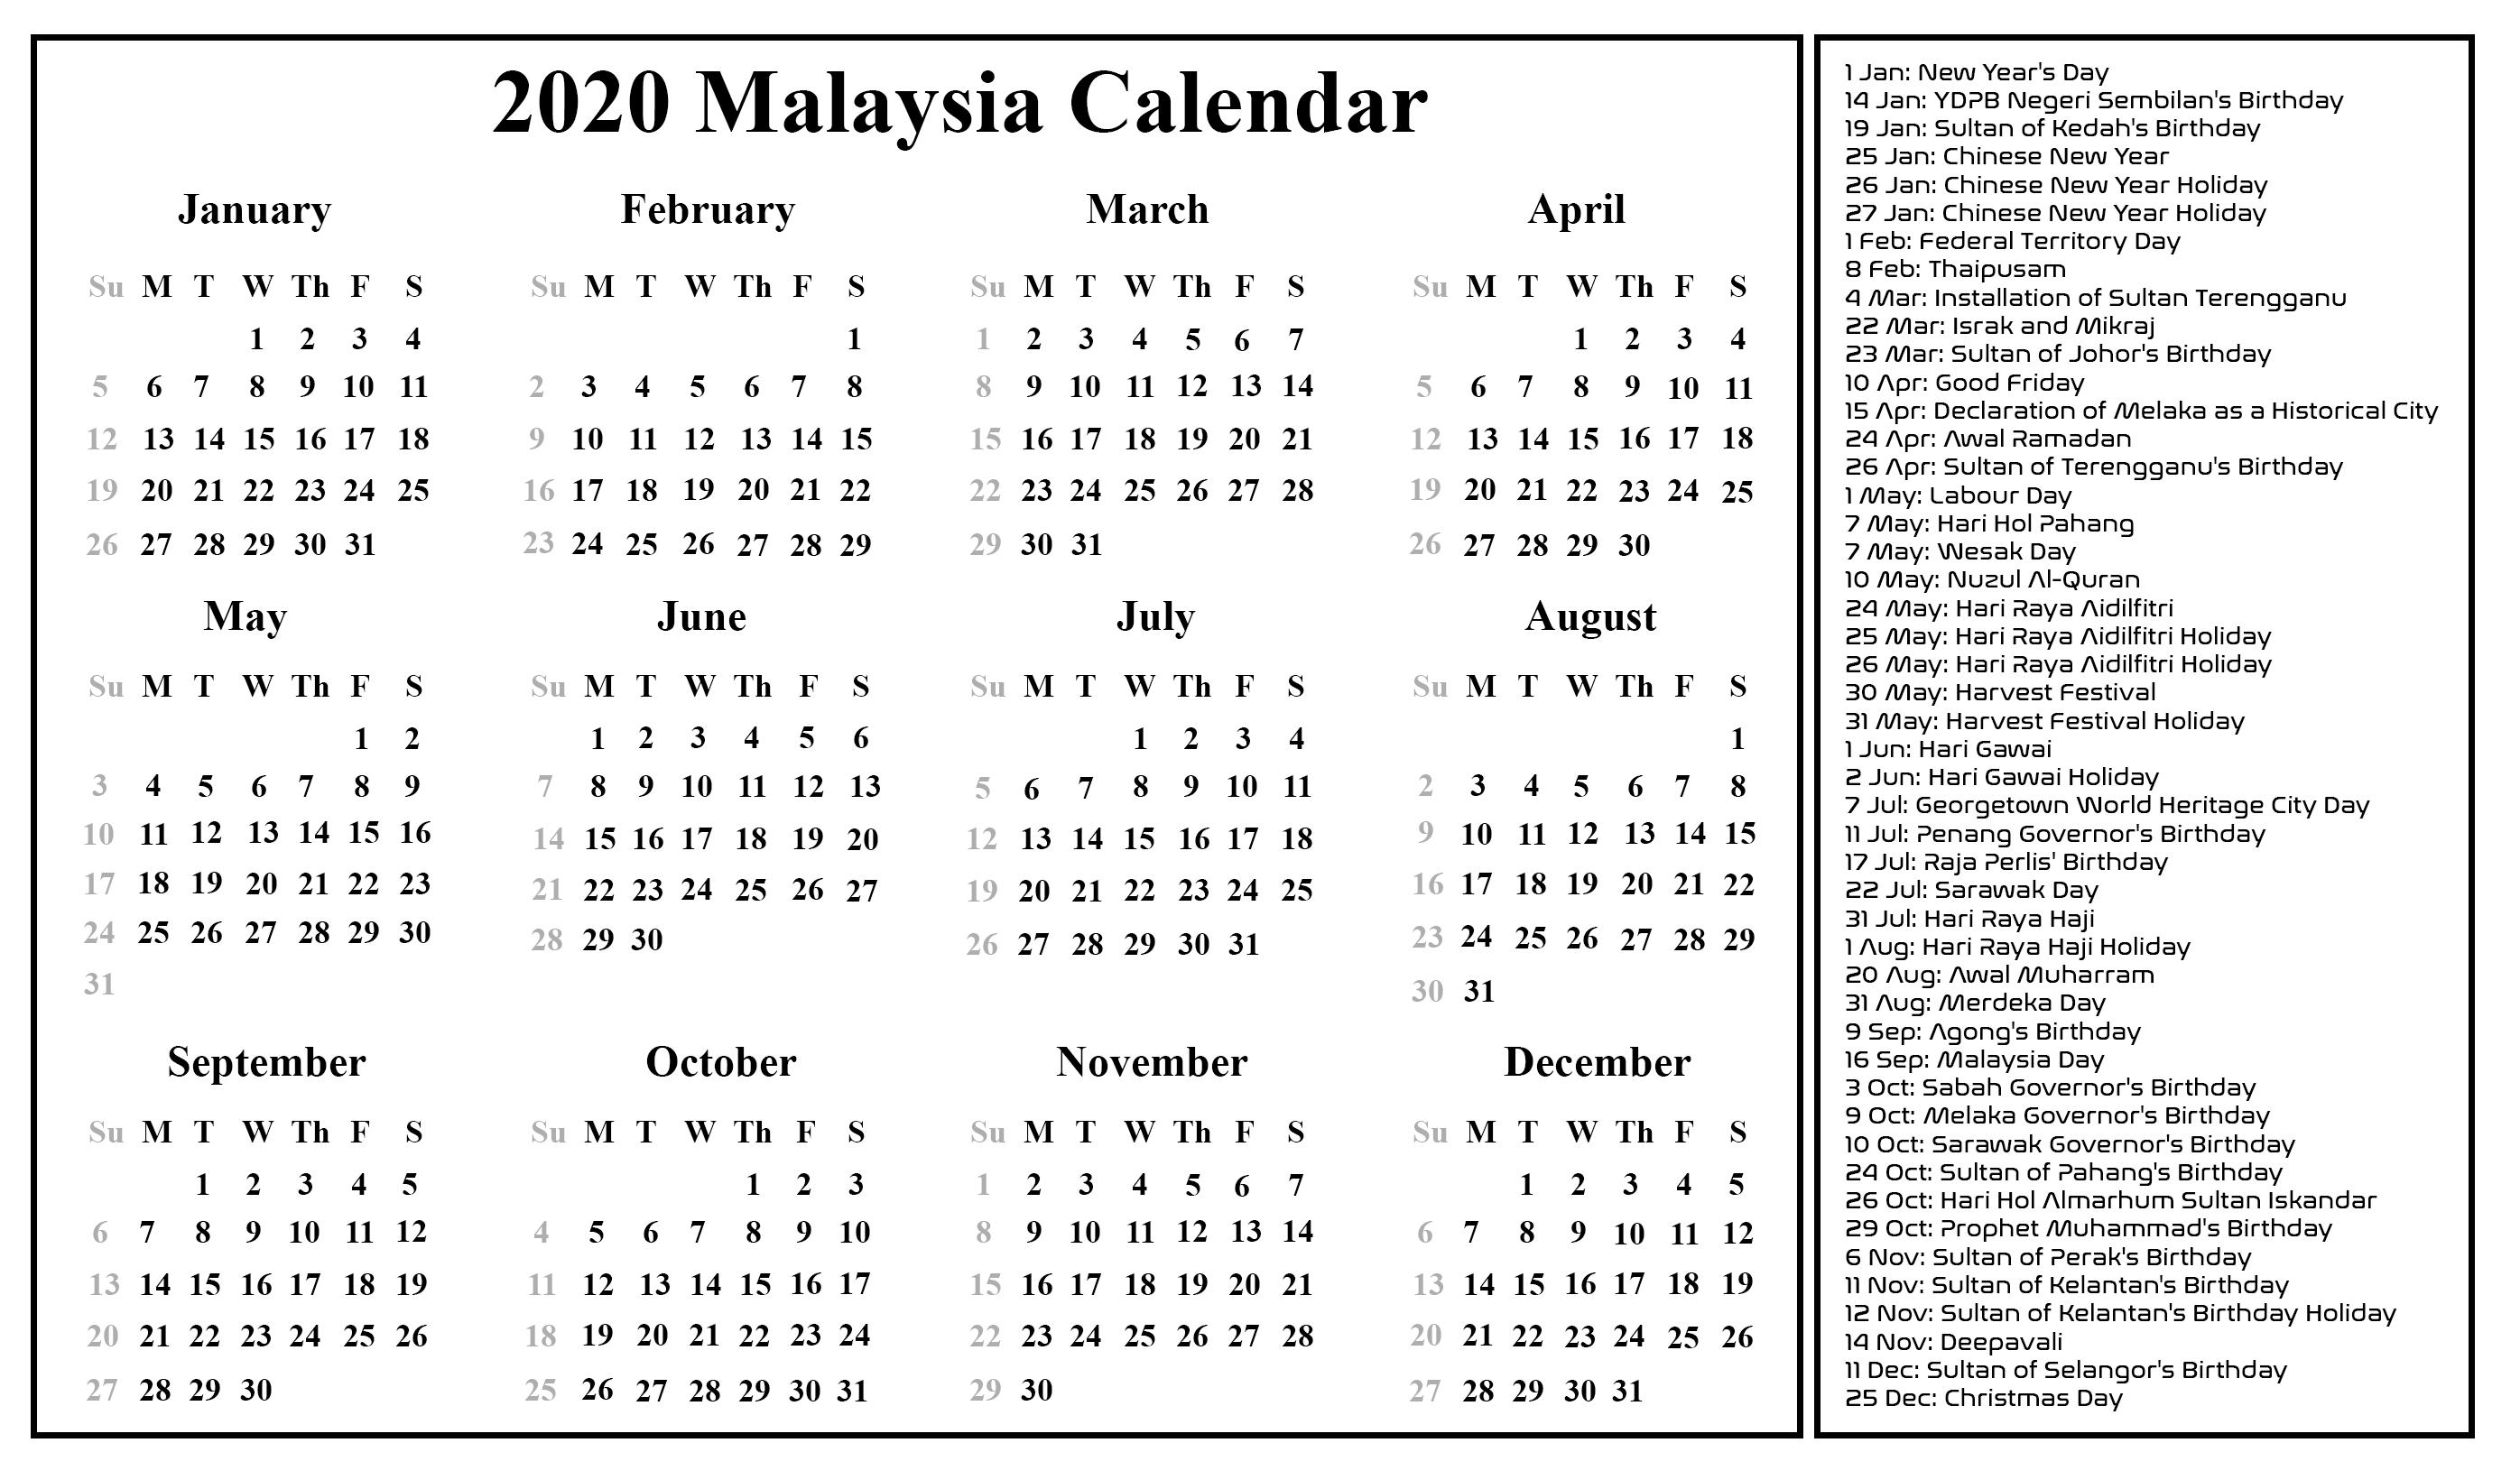 Free Blank Malaysia Calendar 2020 In Pdf, Excel & Word Format inside Malaysia 2020 Calendar